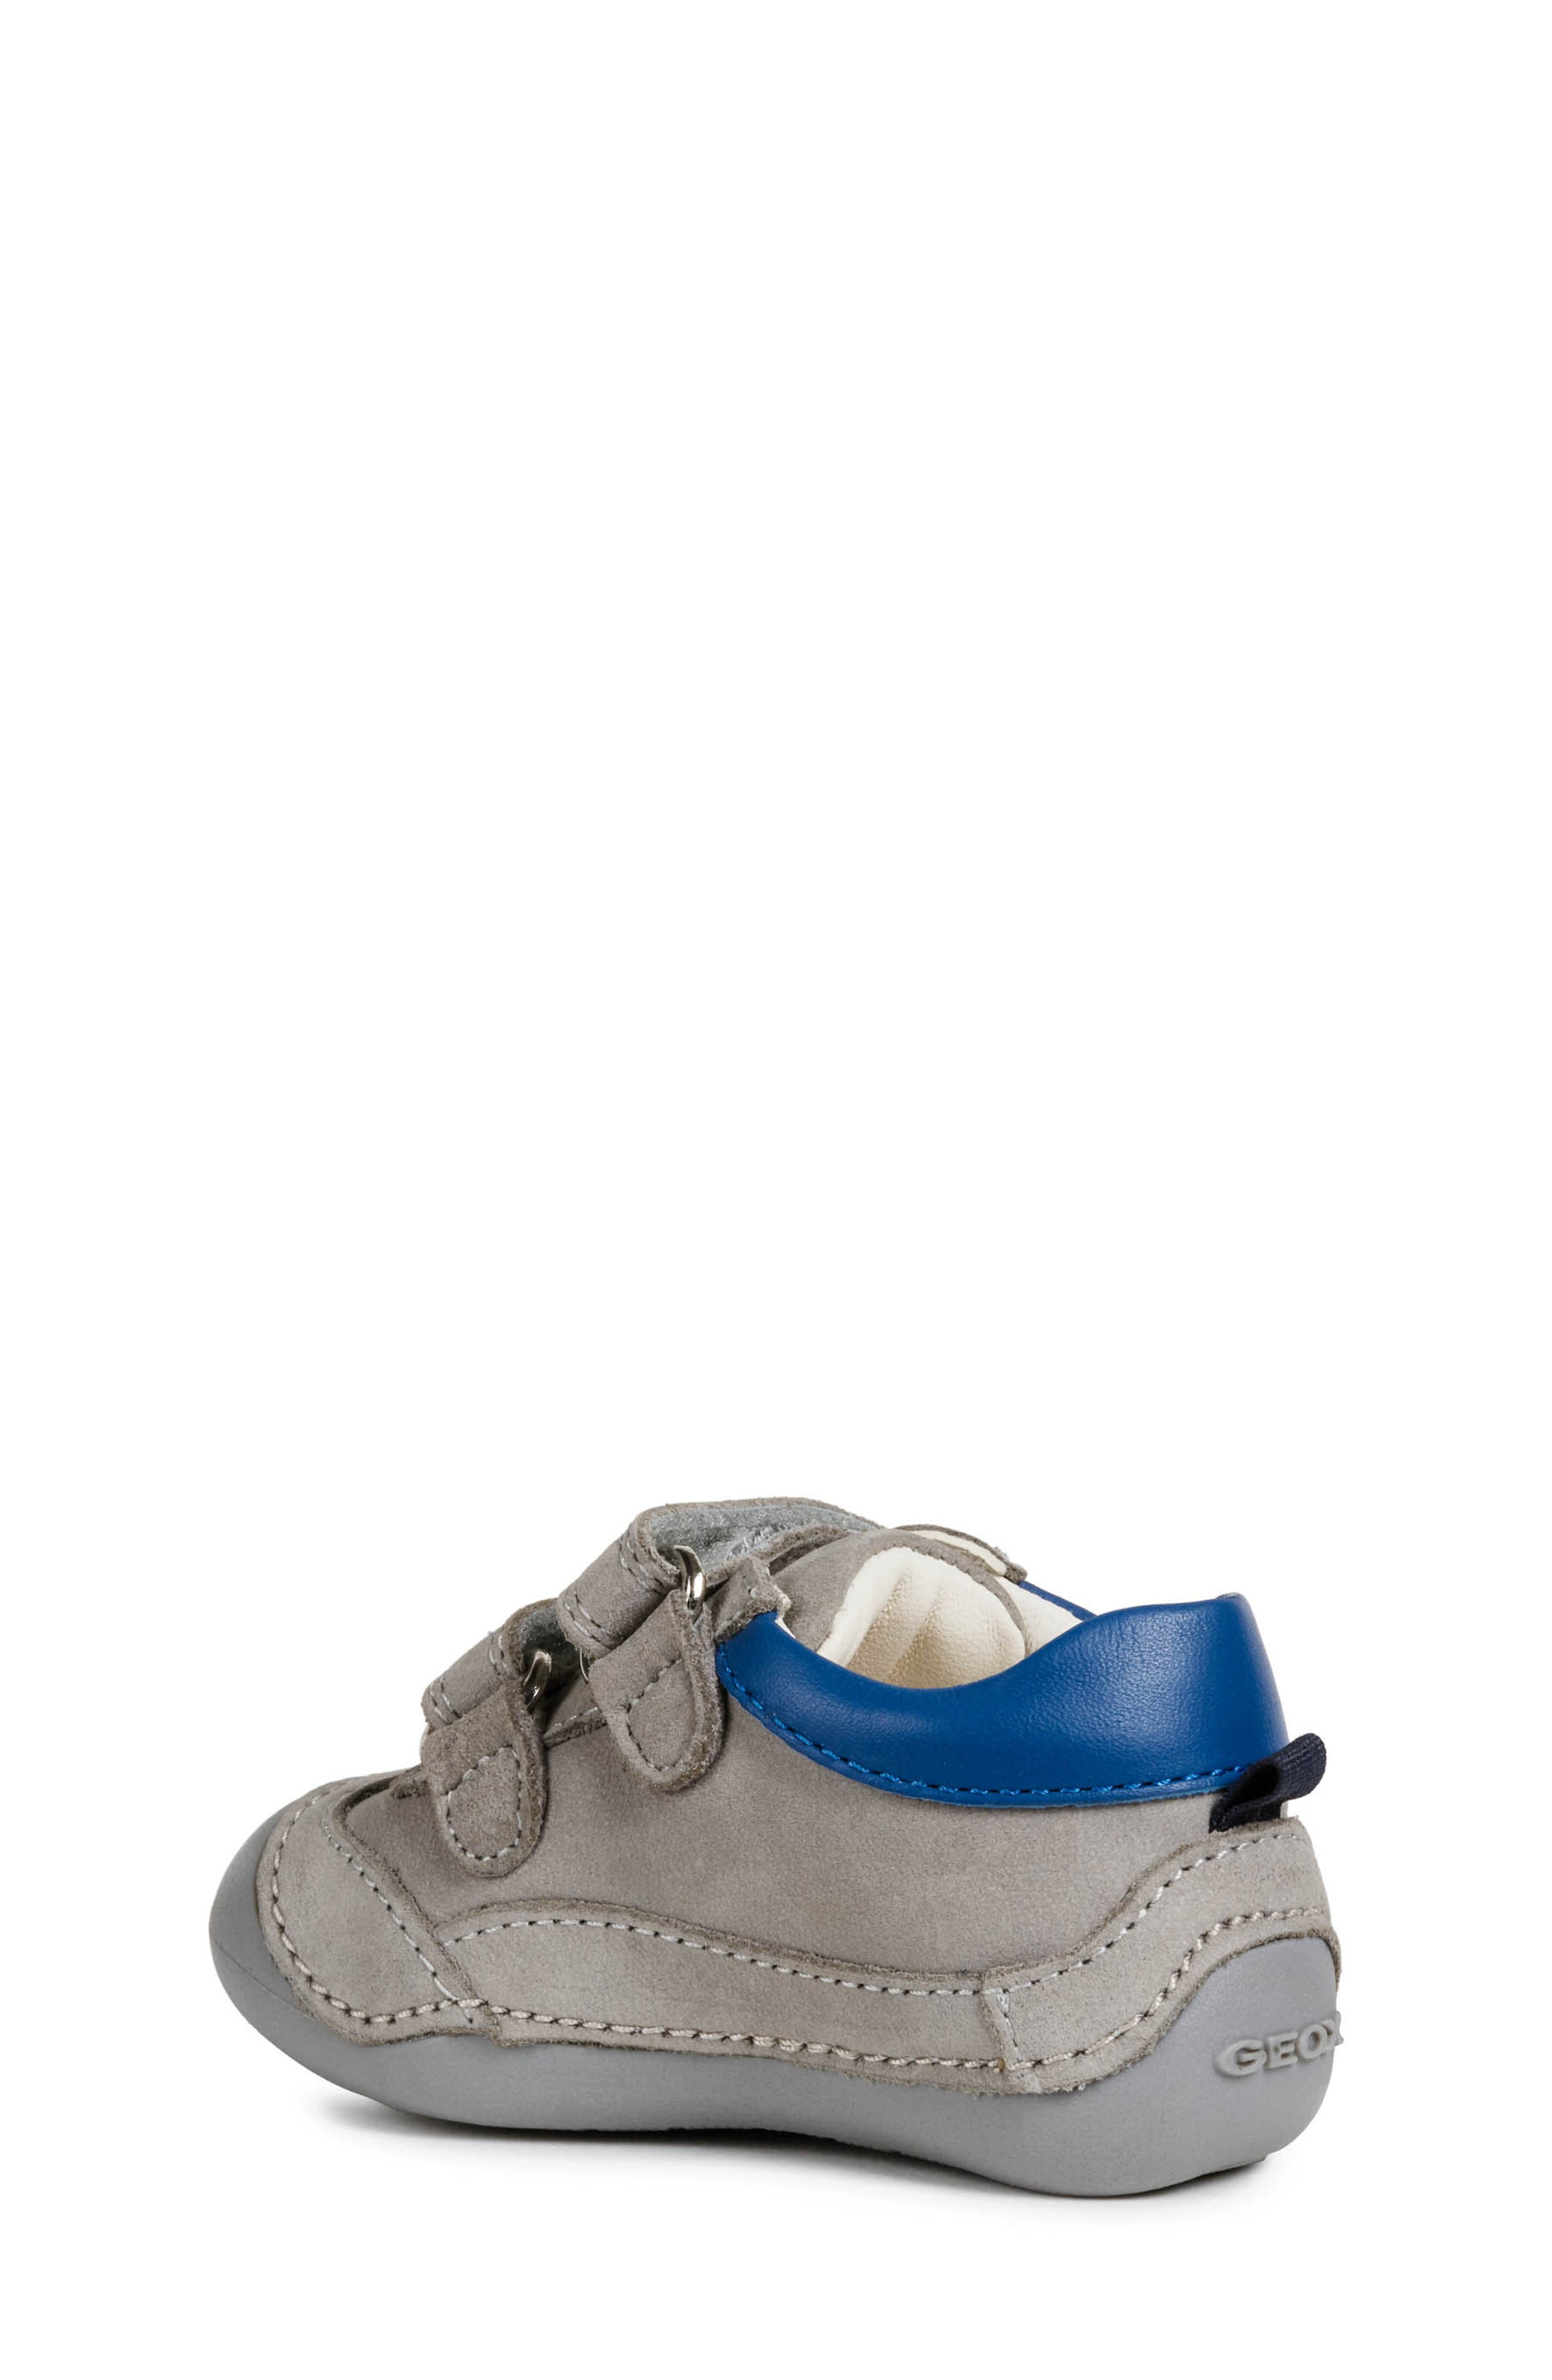 Tutim Sneaker,                             Alternate thumbnail 2, color,                             GREY/ ROYAL